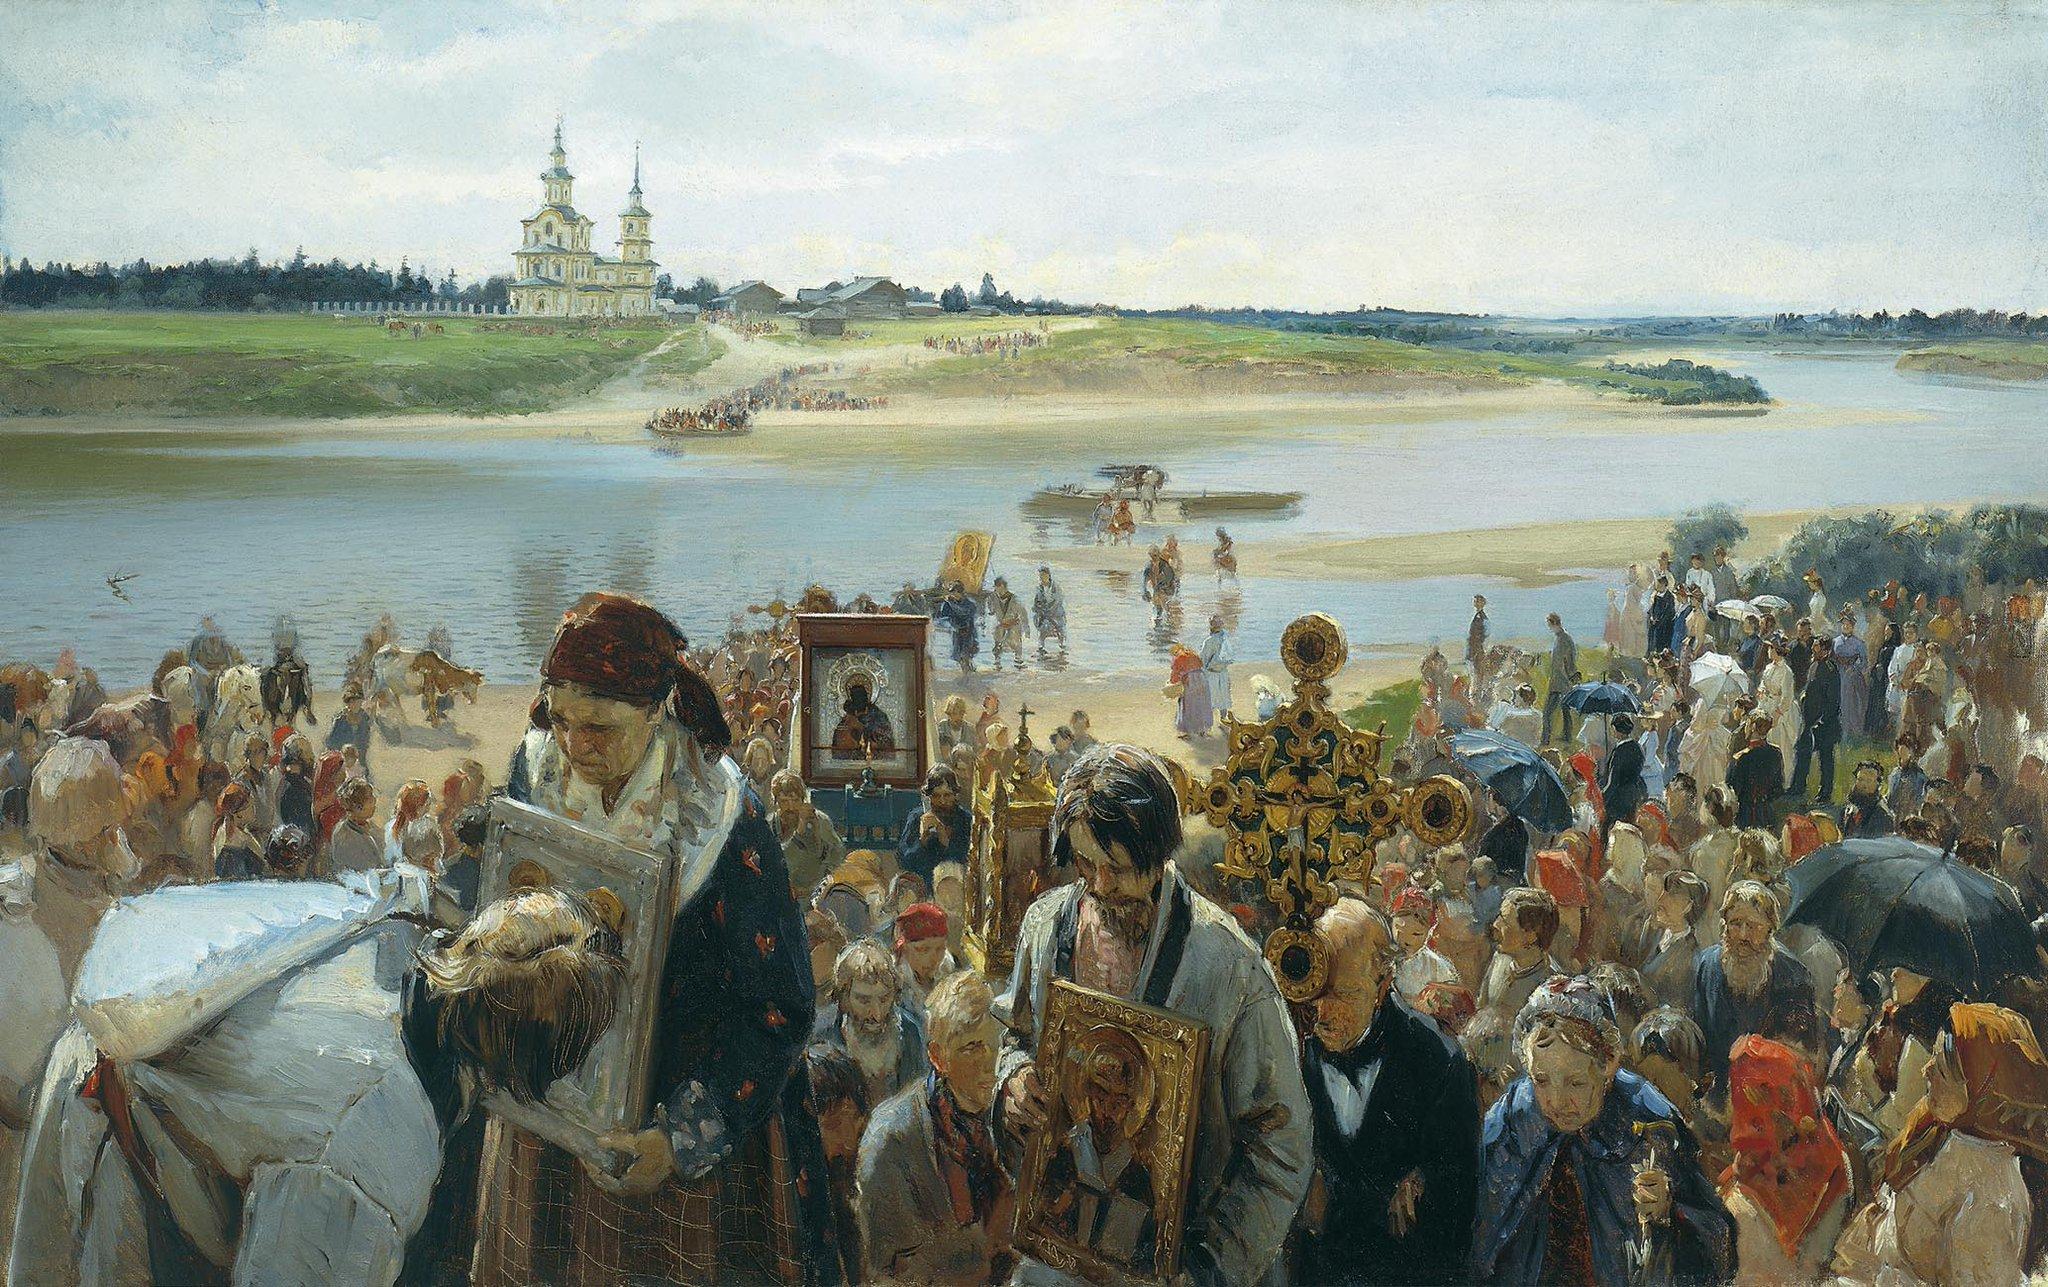 Илларион Прянишников. Крестный ход, 1893